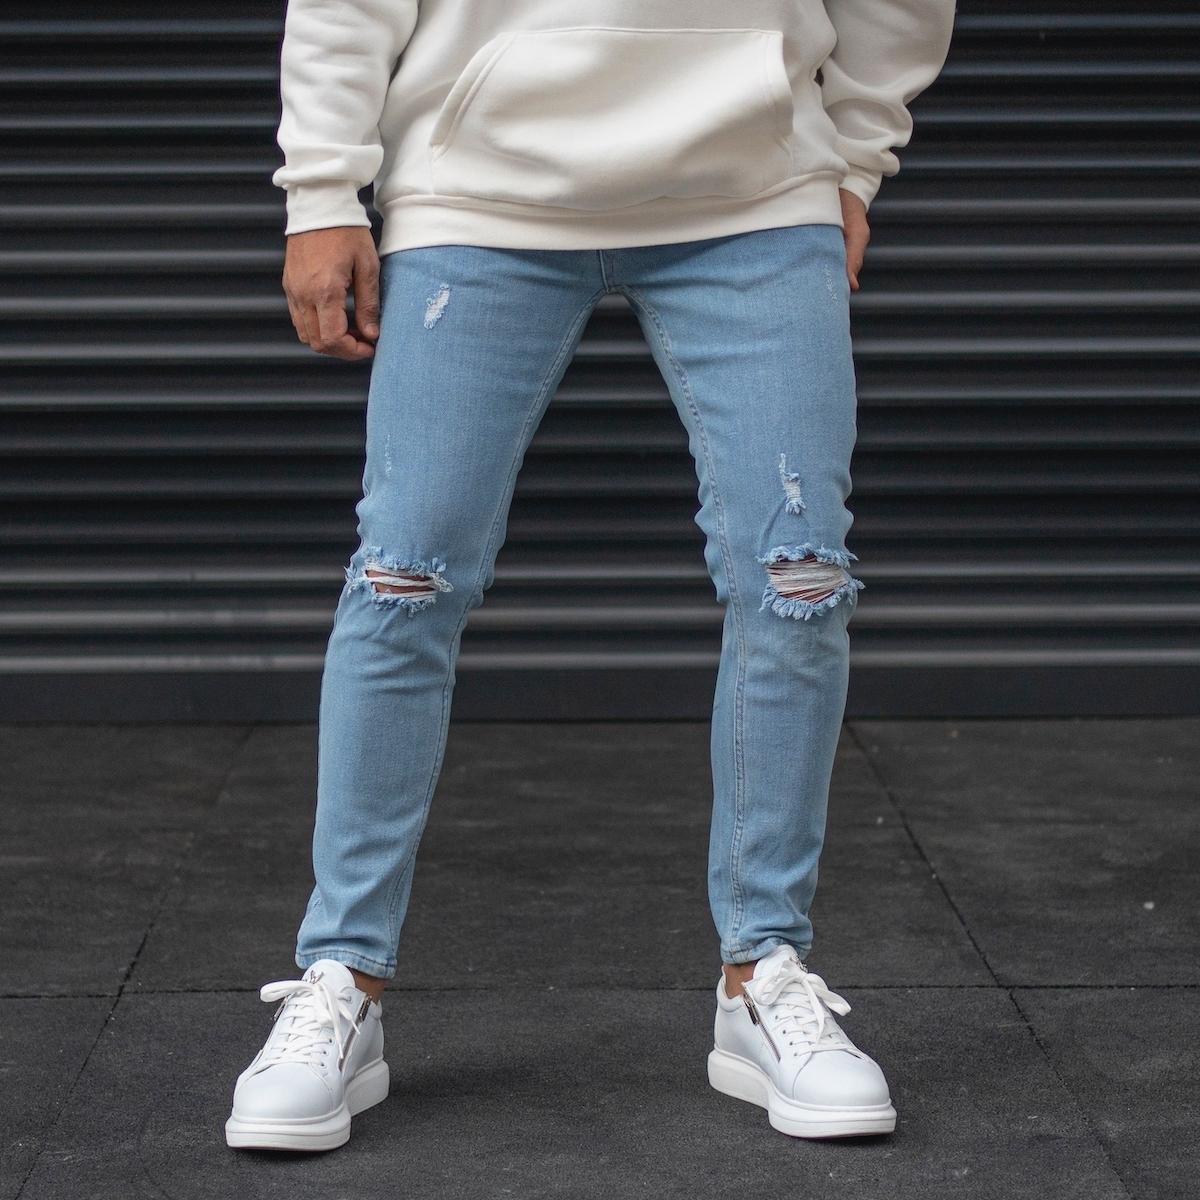 Erkek Dizi Yırtıklı Taşlamalı Kot Pantolon